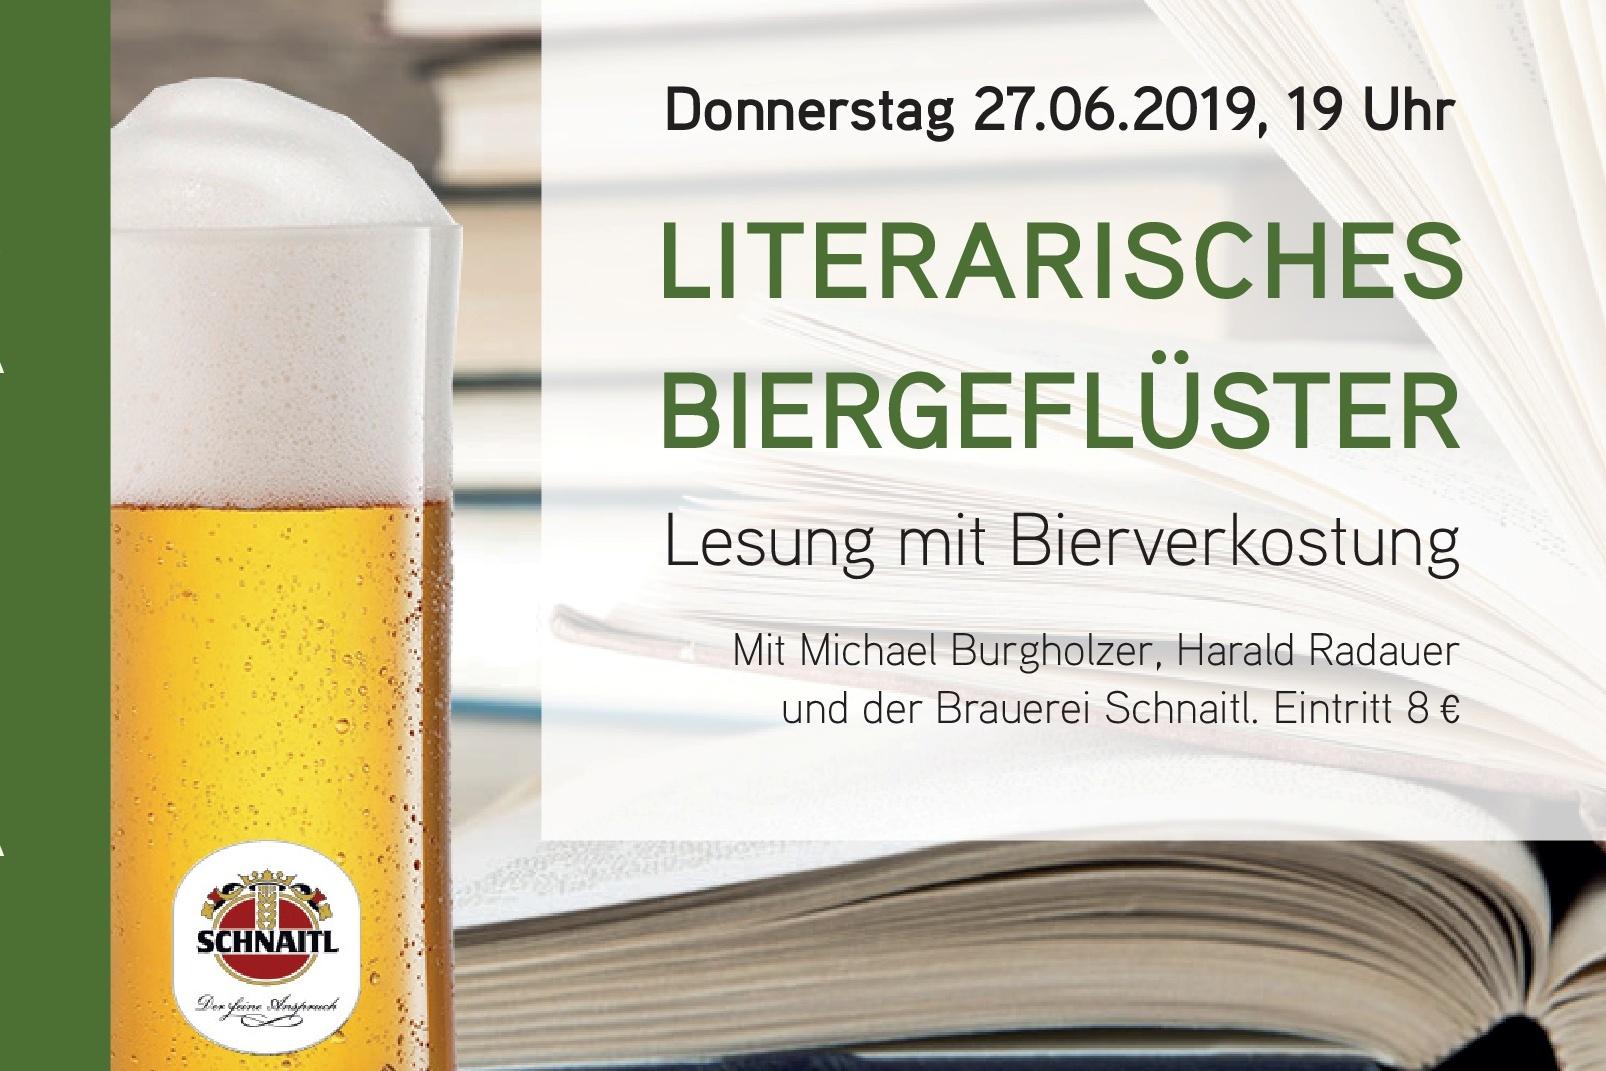 Literarisches Biergeflüster